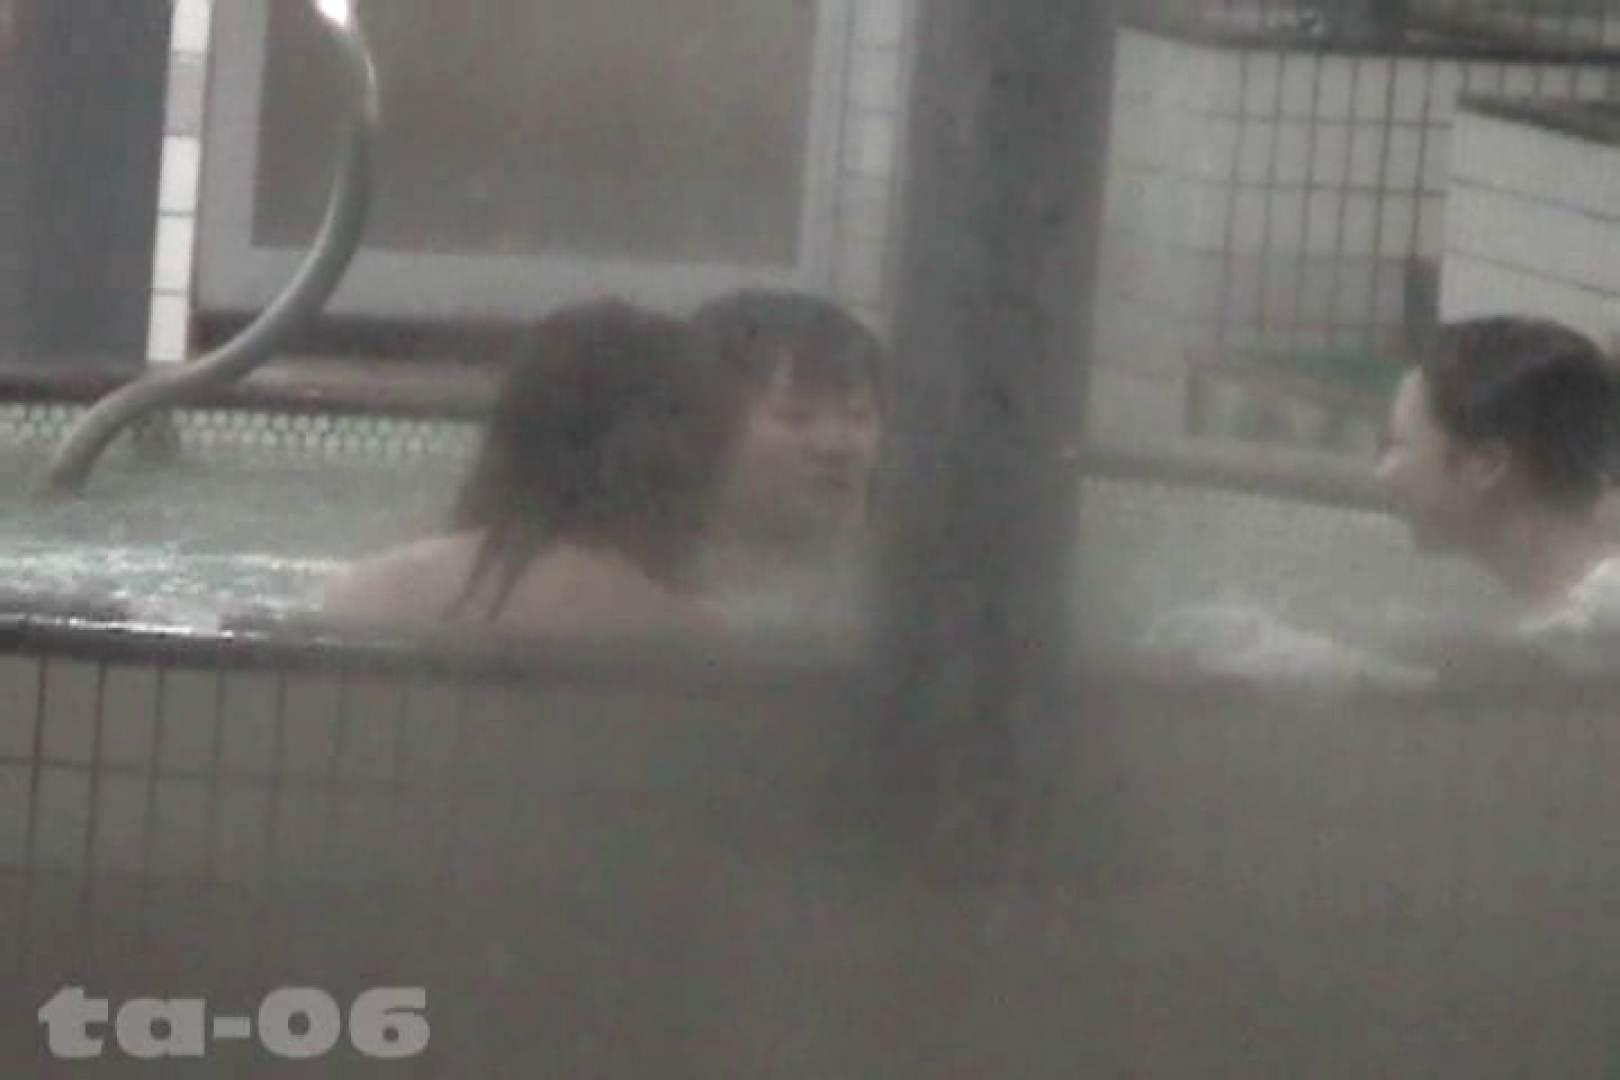 合宿ホテル女風呂盗撮高画質版 Vol.06 盗撮映像大放出 | 合宿  107連発 97